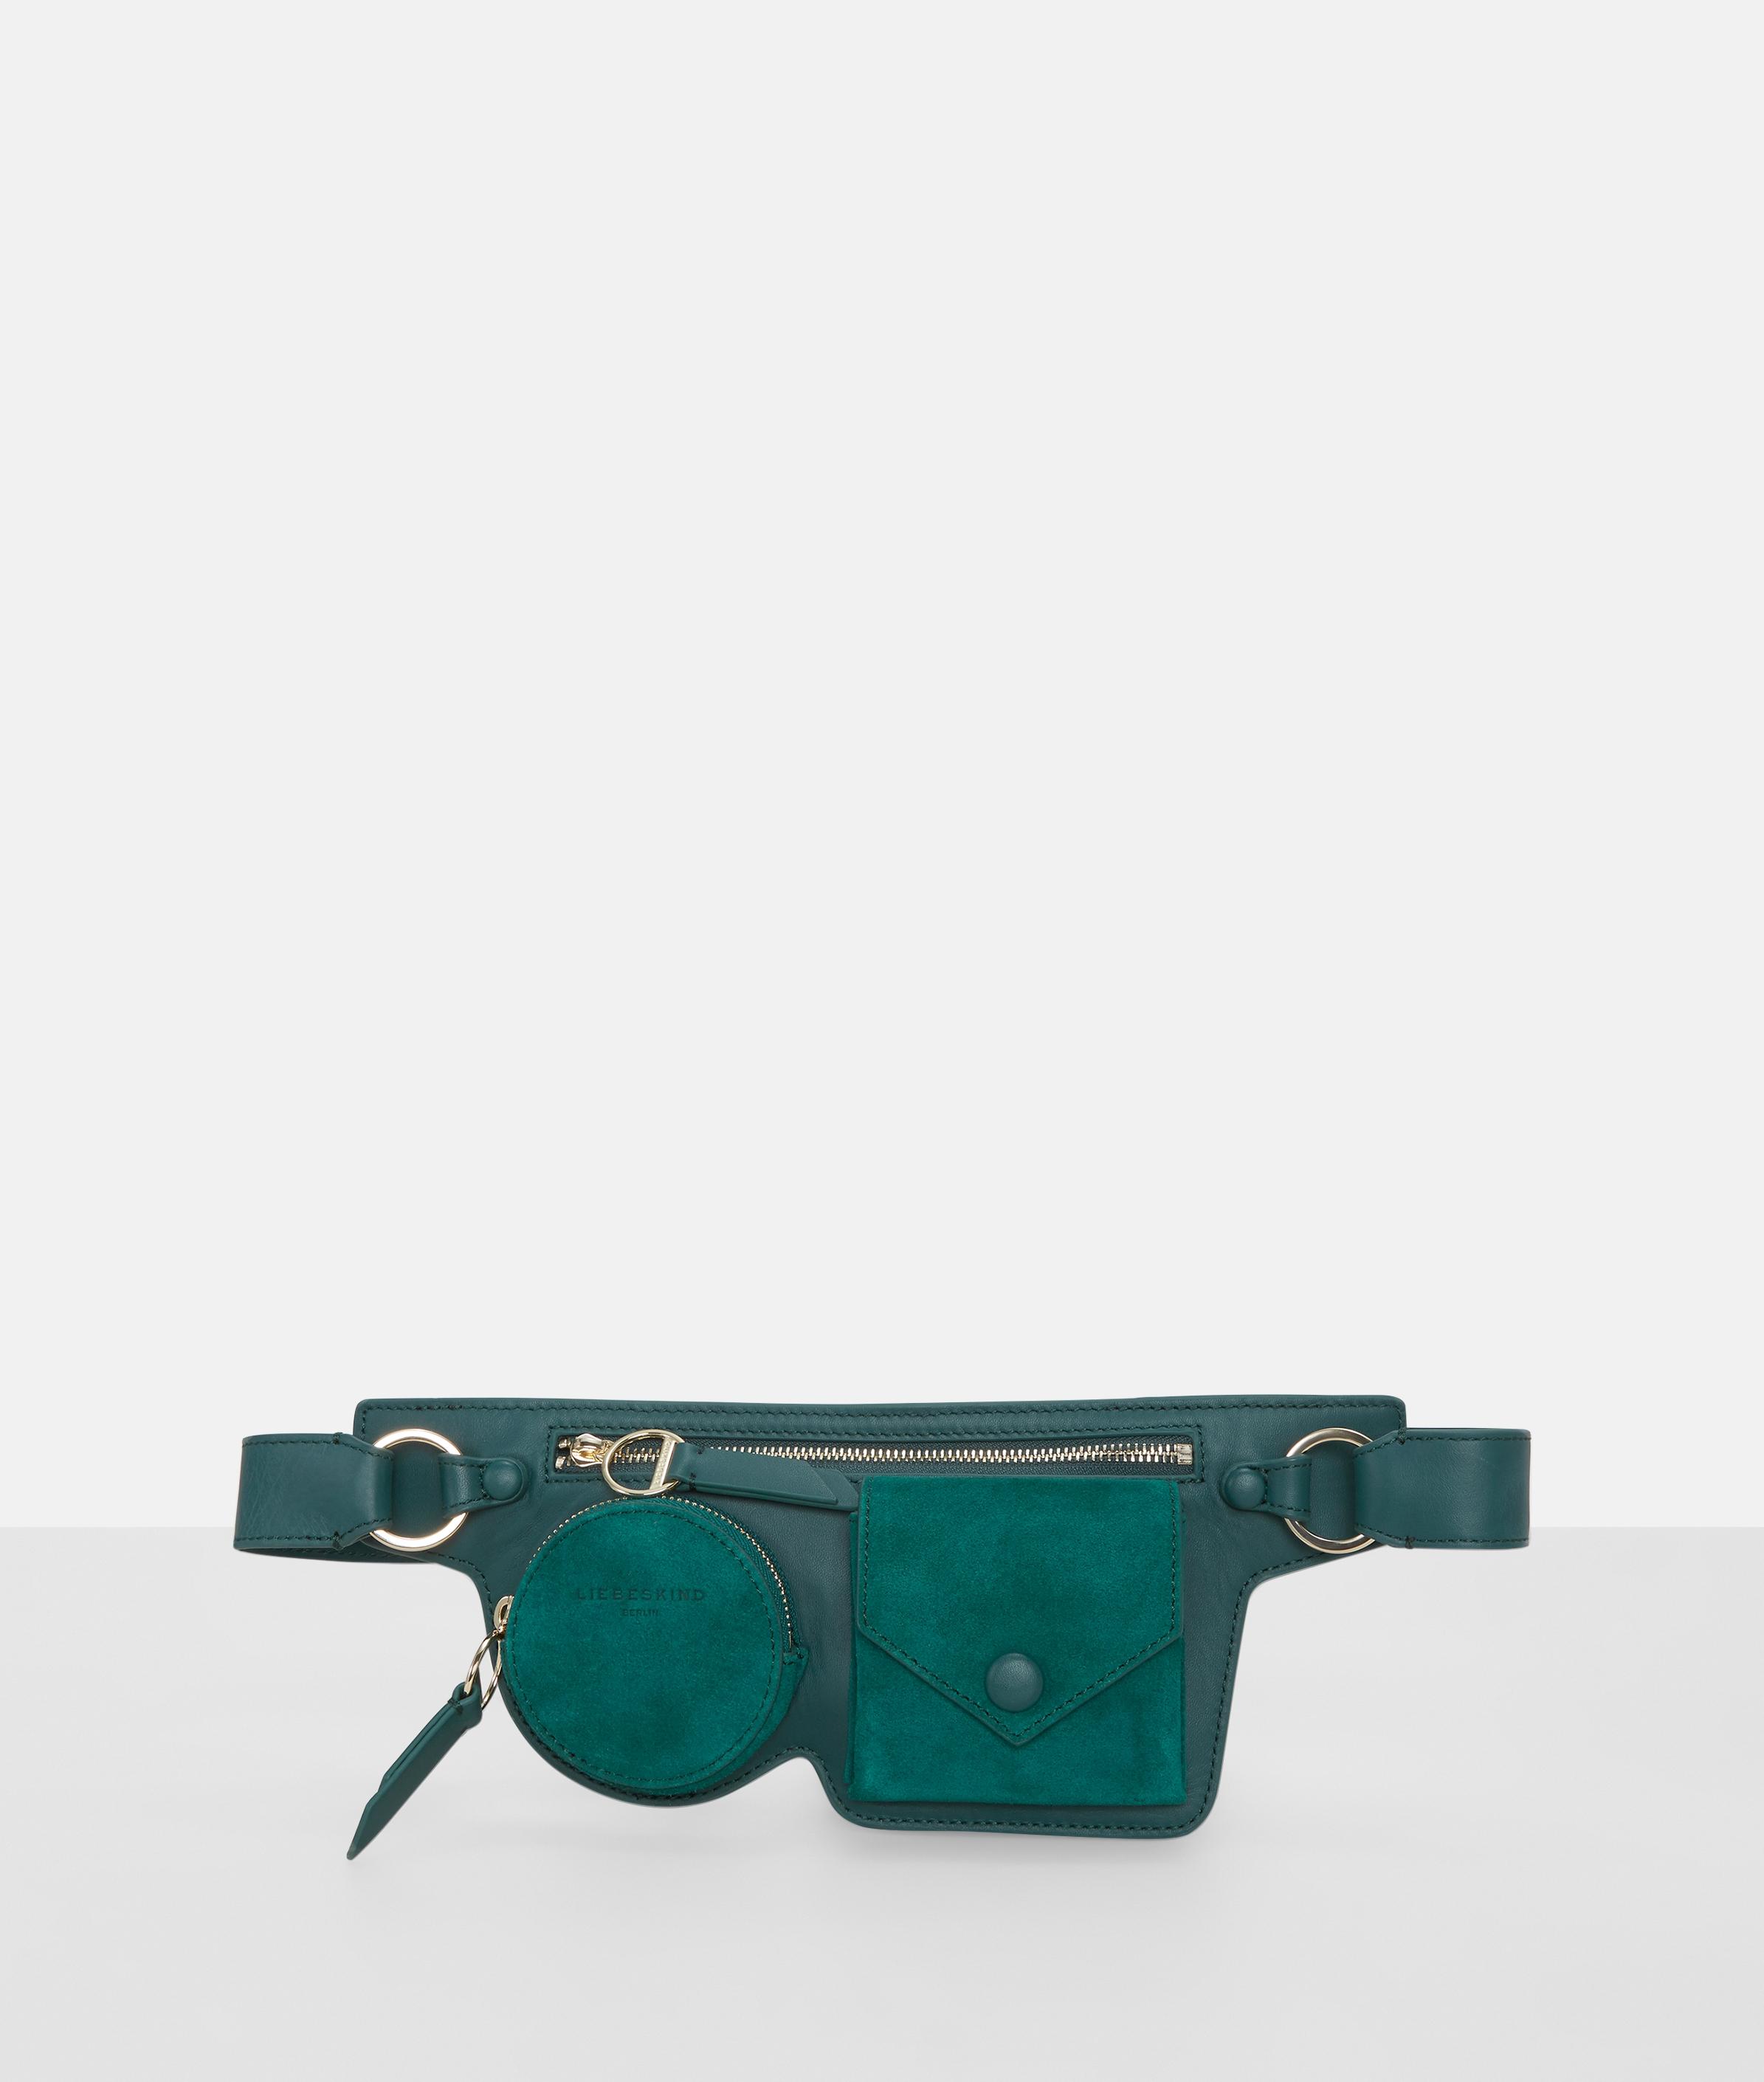 liebeskind berlin - Gürteltasche mit Fronttaschen, Grün